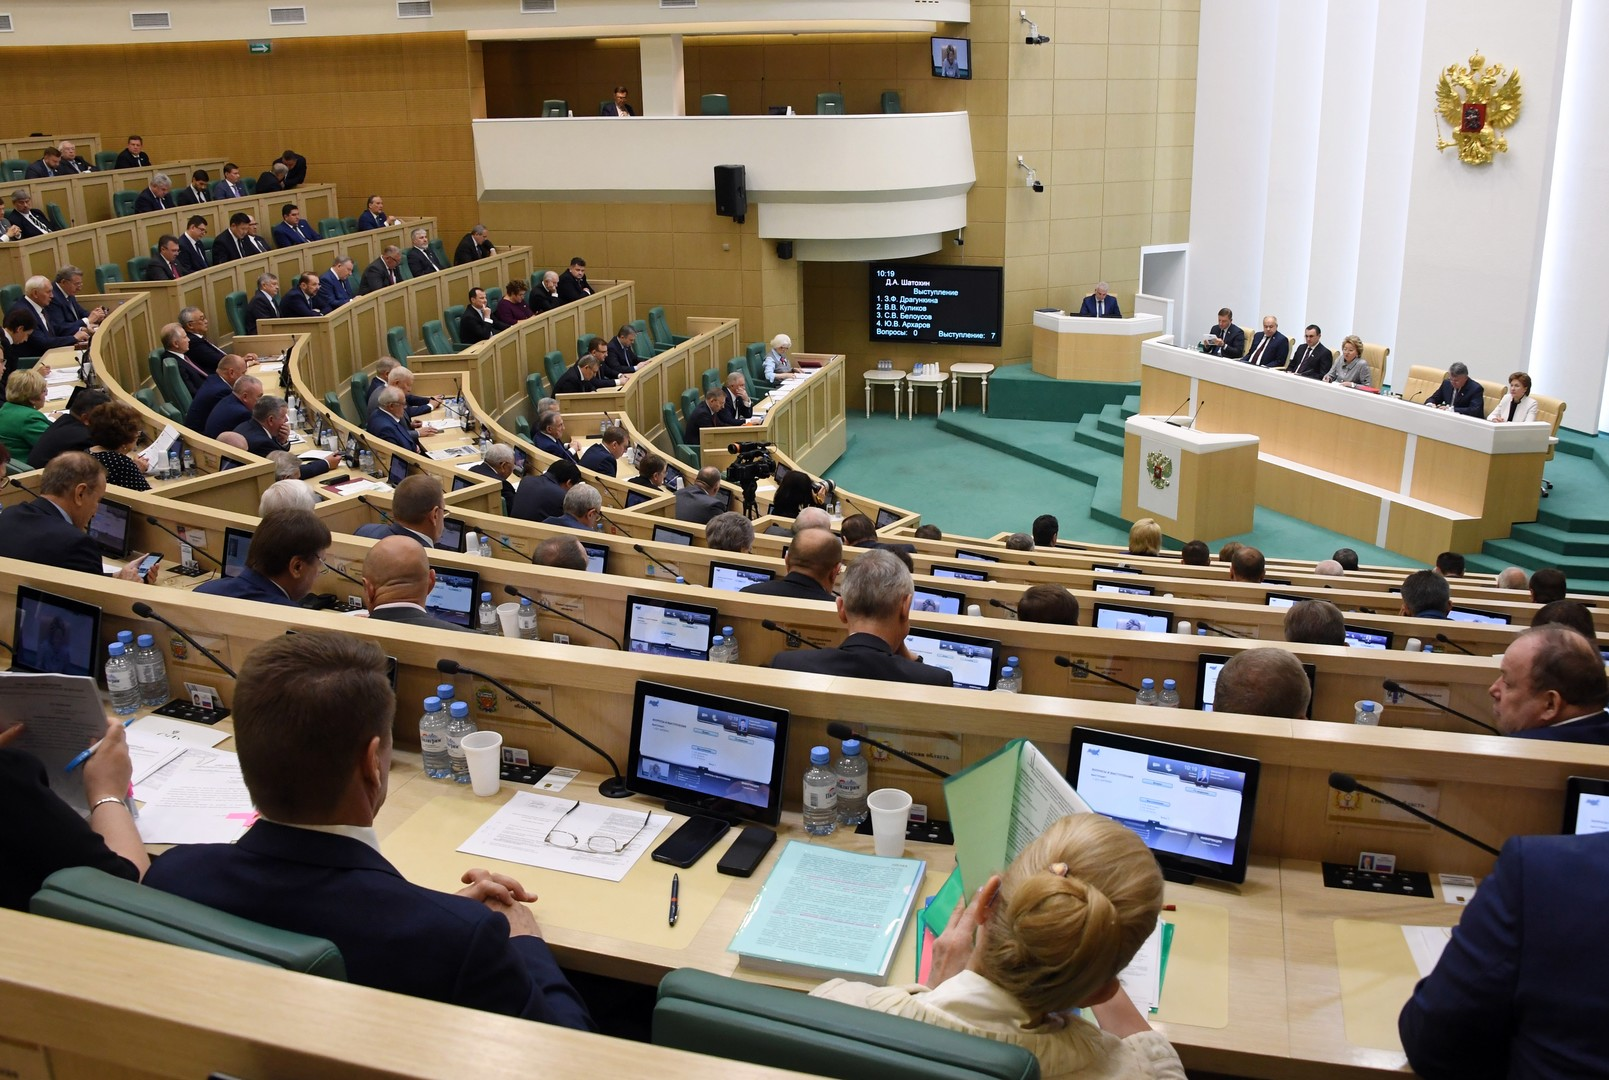 مجلس الاتحاد الروسي يعتزم مساءلة سفراء أجانب بشأن التدخل في شؤون روسيا